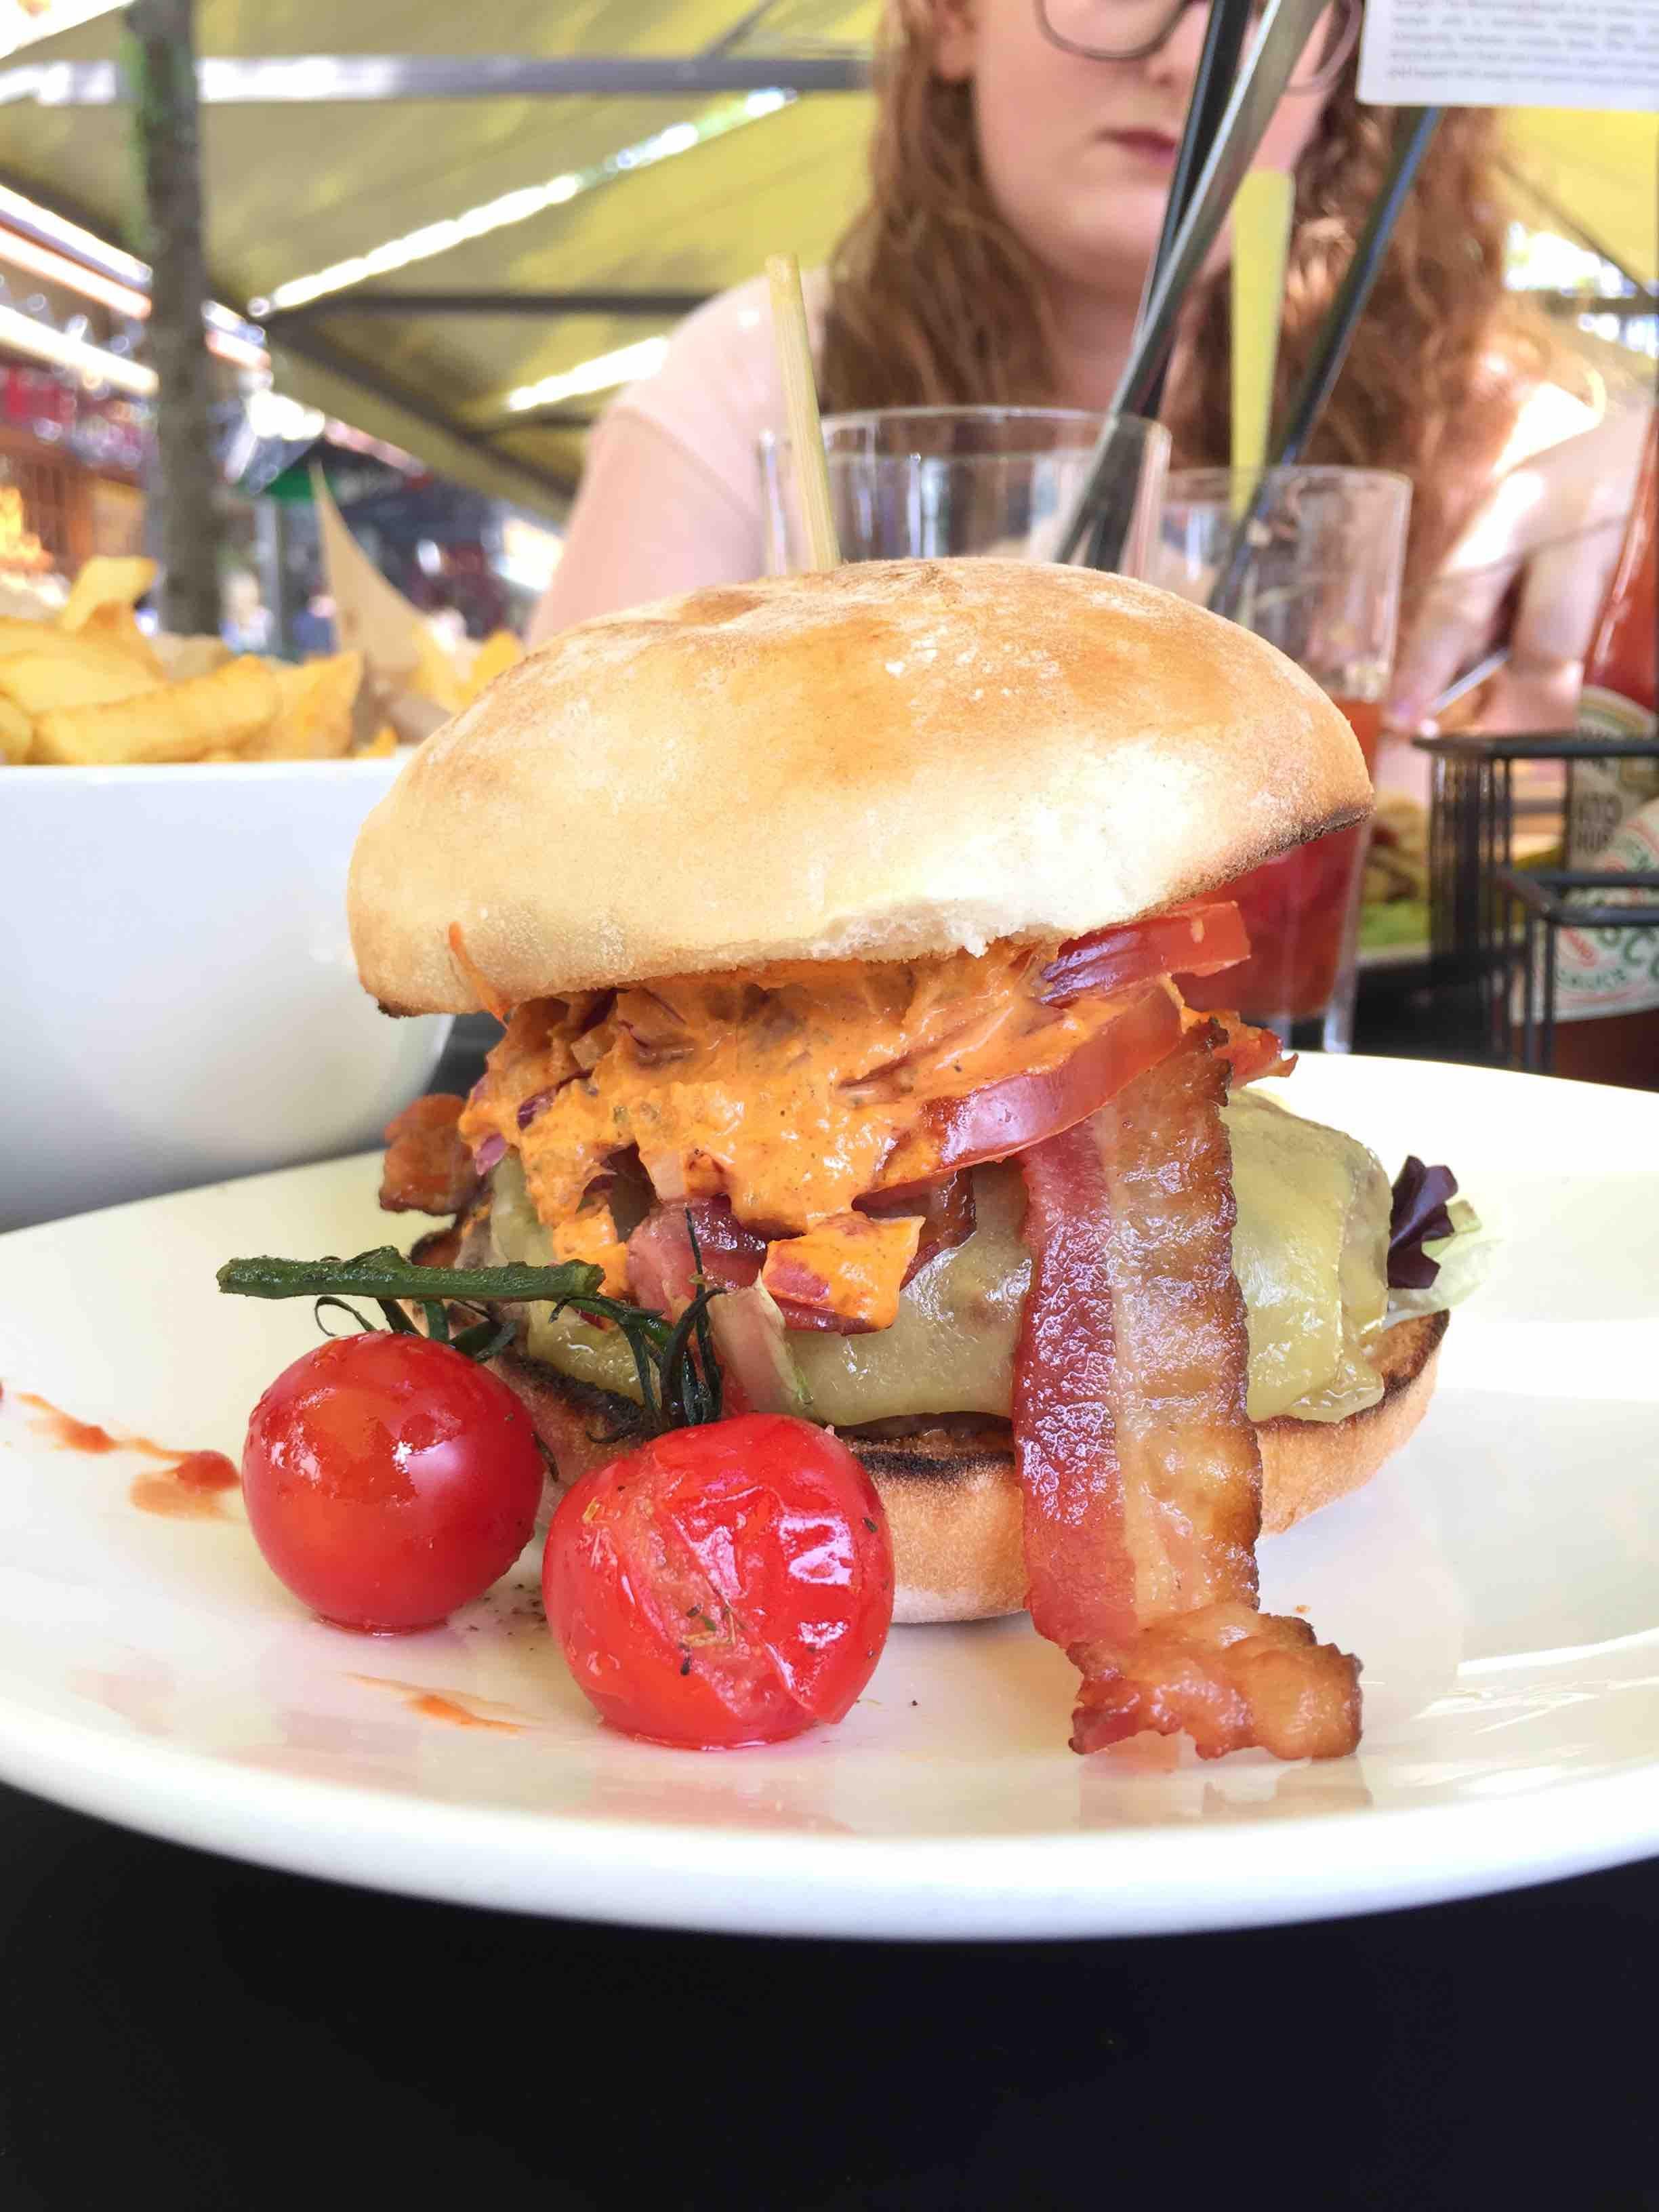 A bacon cheeseburger.